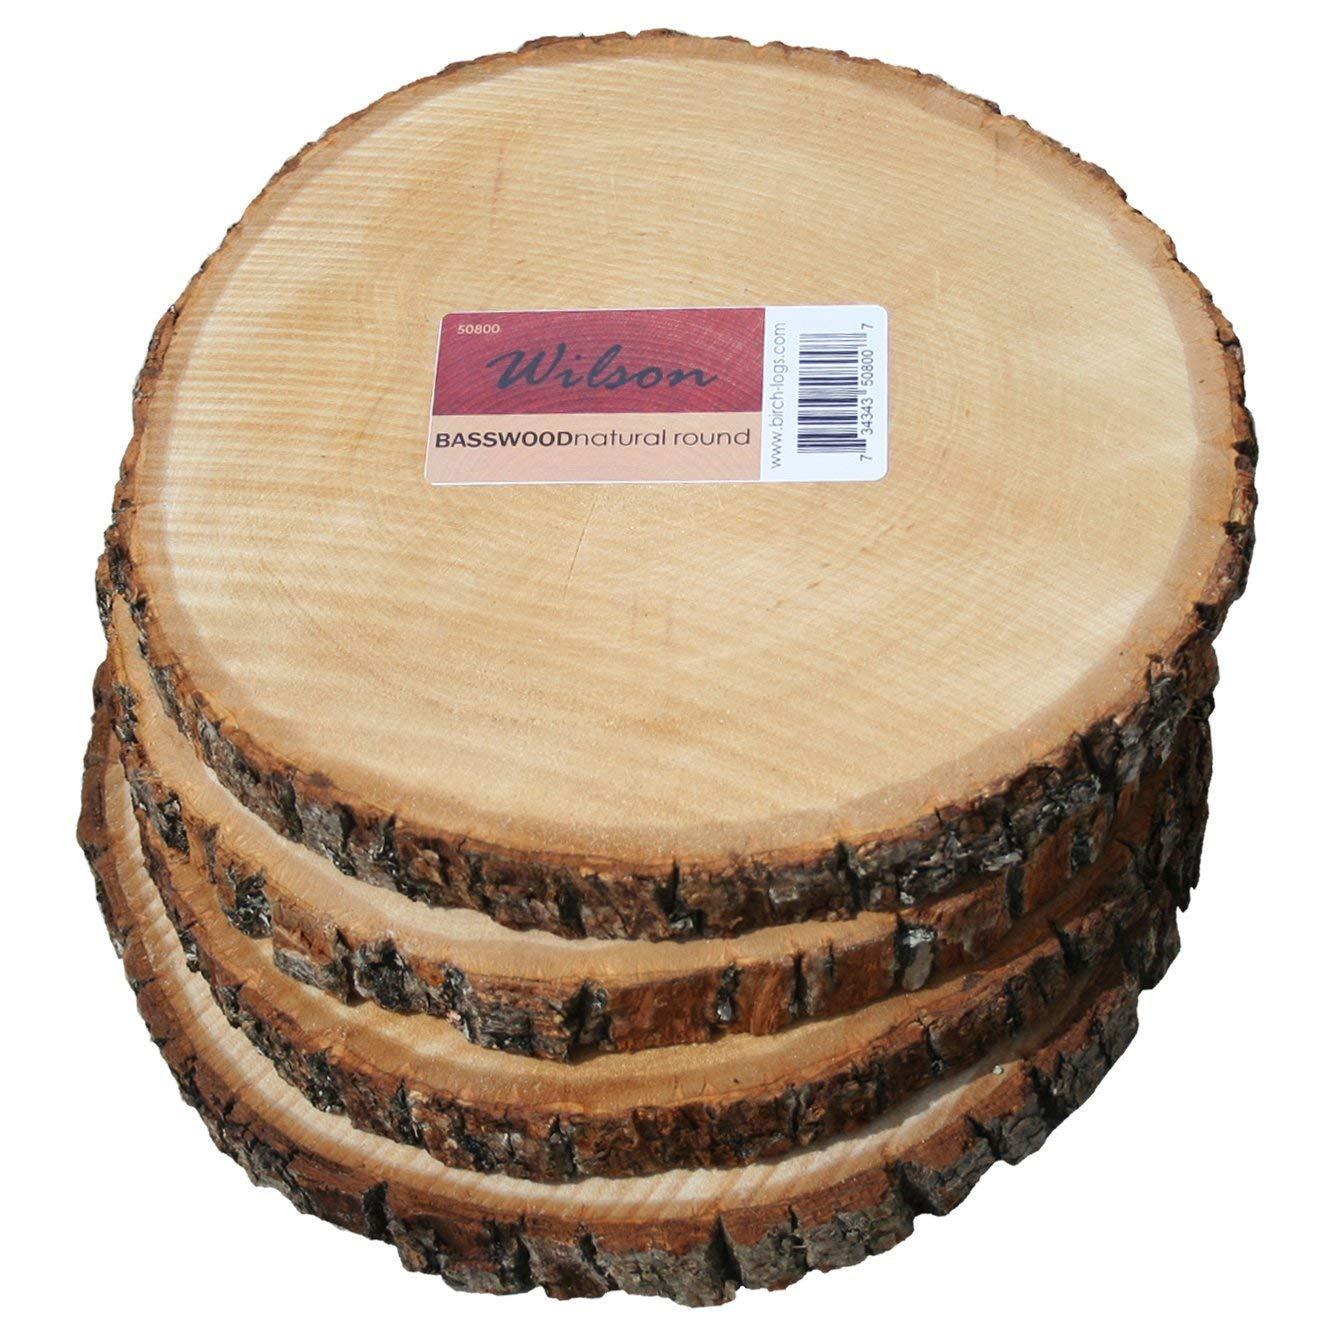 Decorative Wooden Bundle Effloresces 3er waist approx 70cmWeathered WoodDriftwood frets